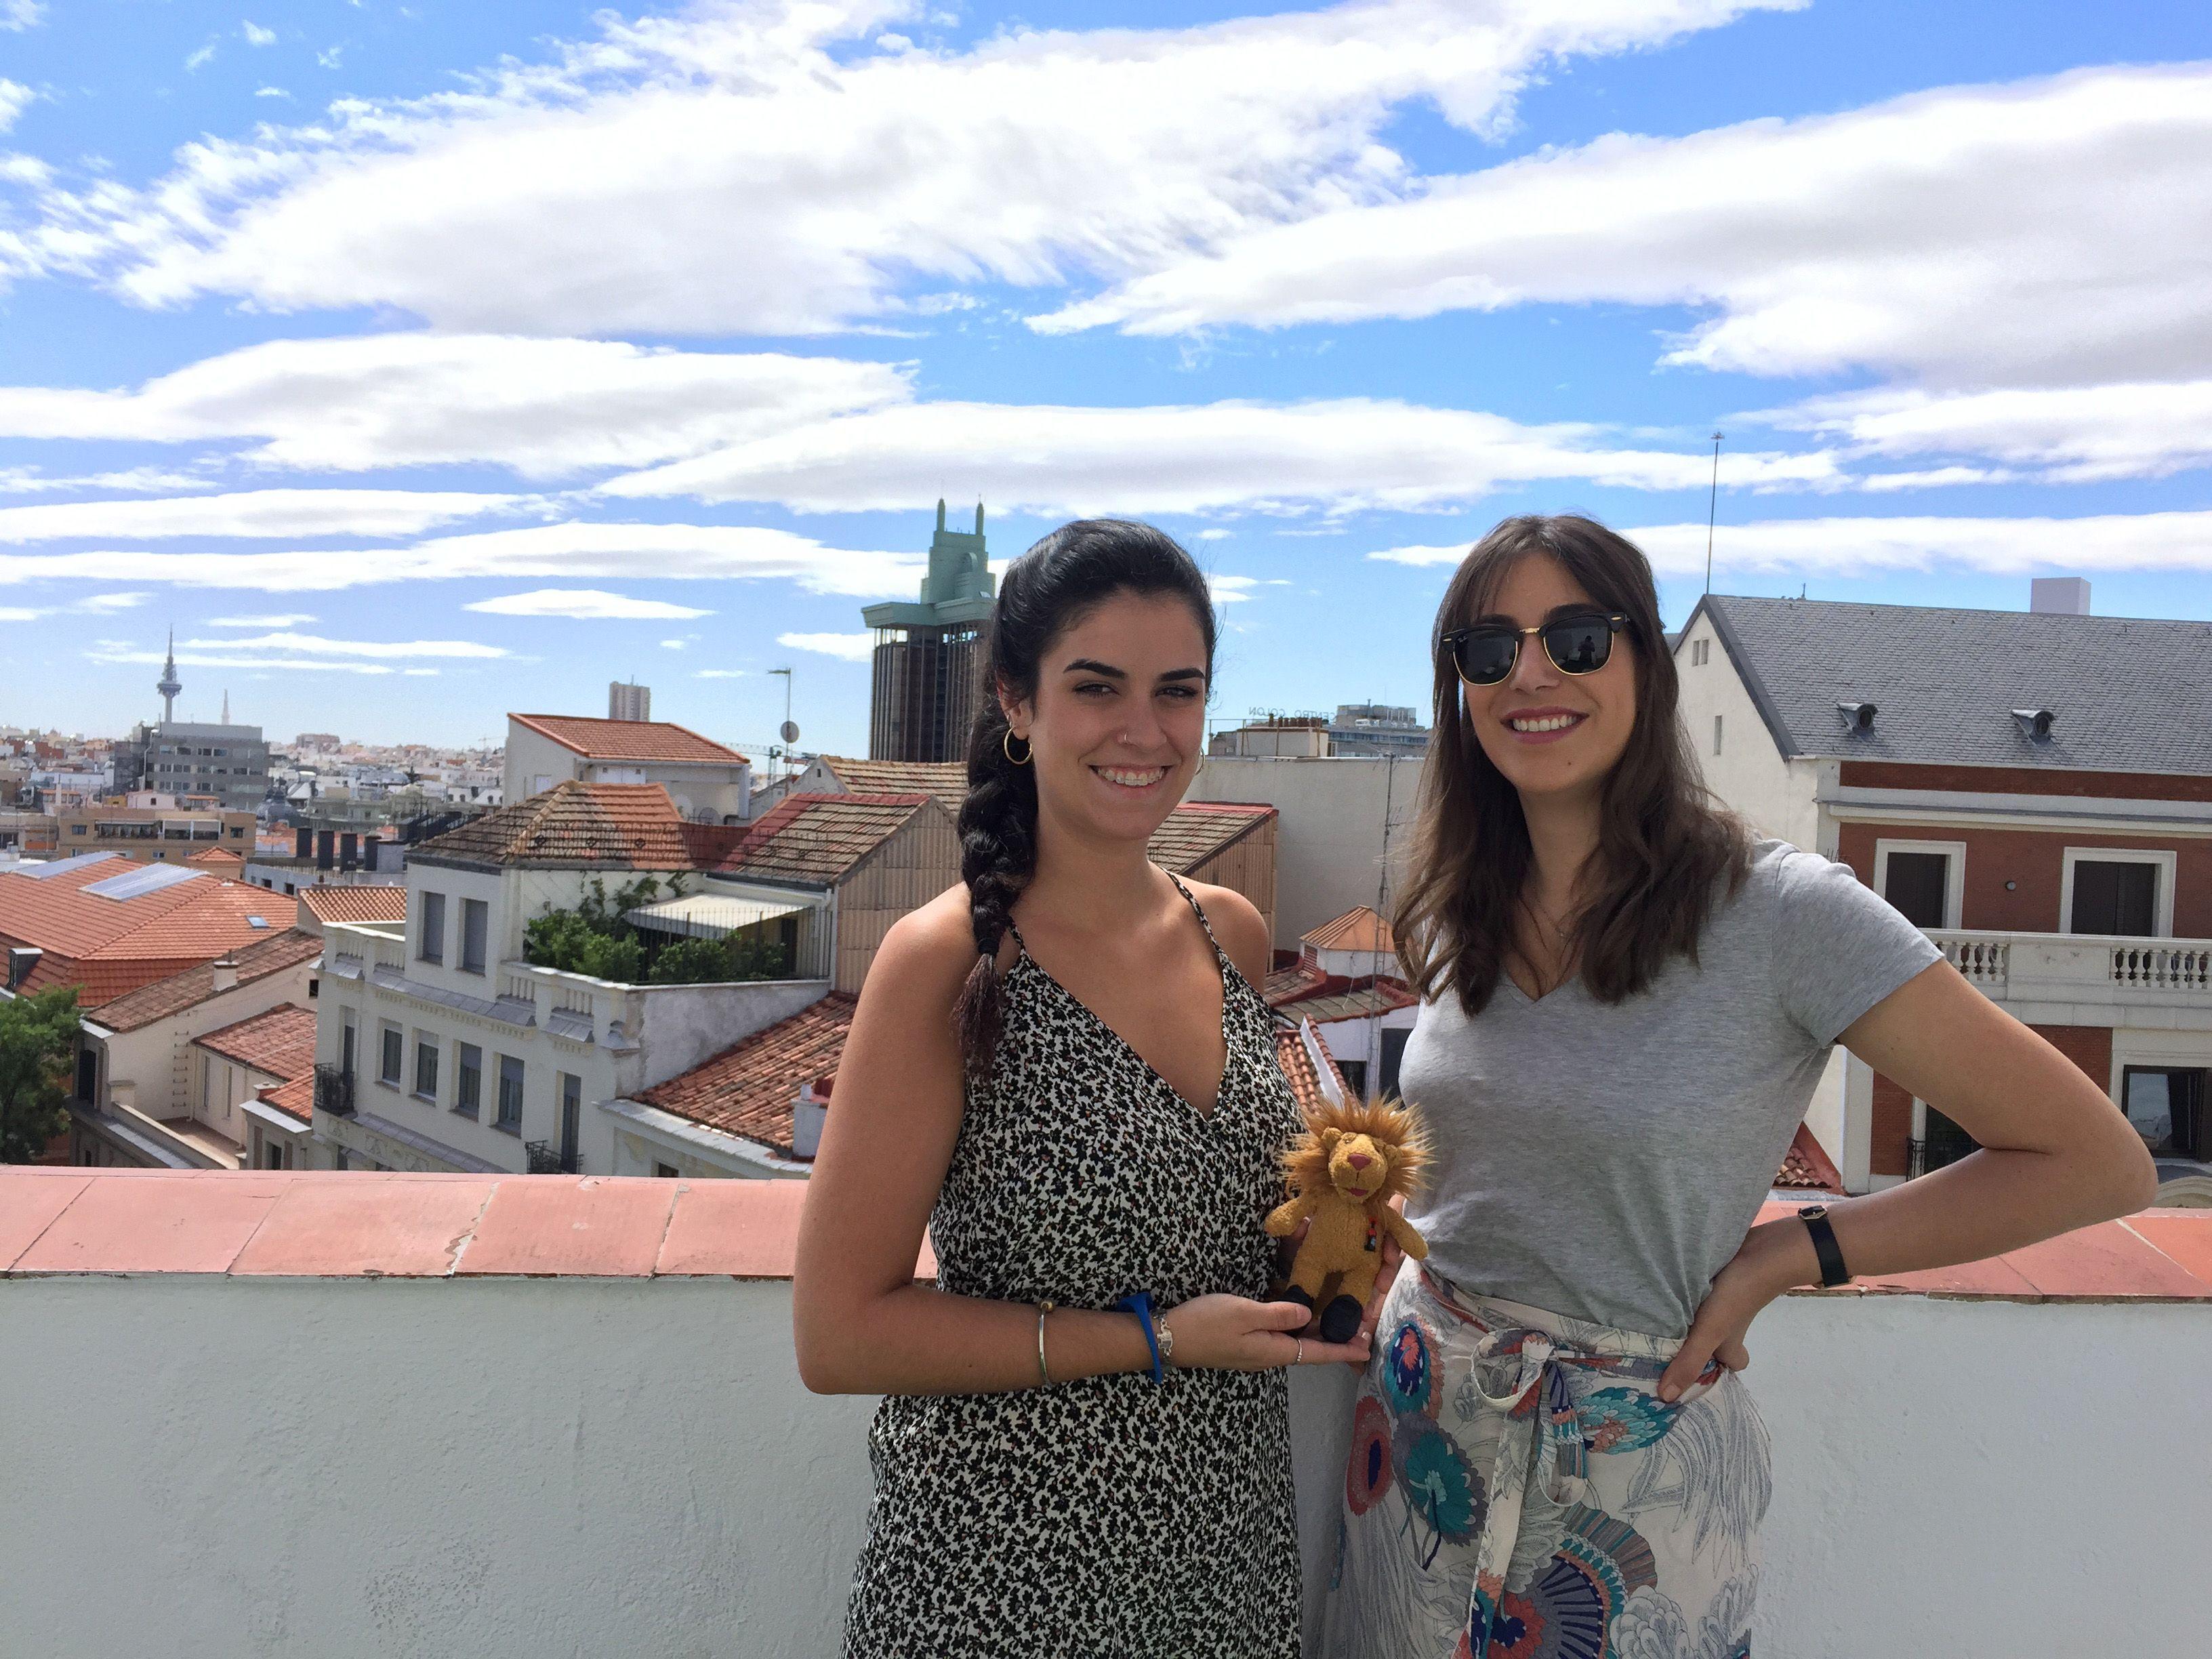 carla y marta ceu en terraza publips